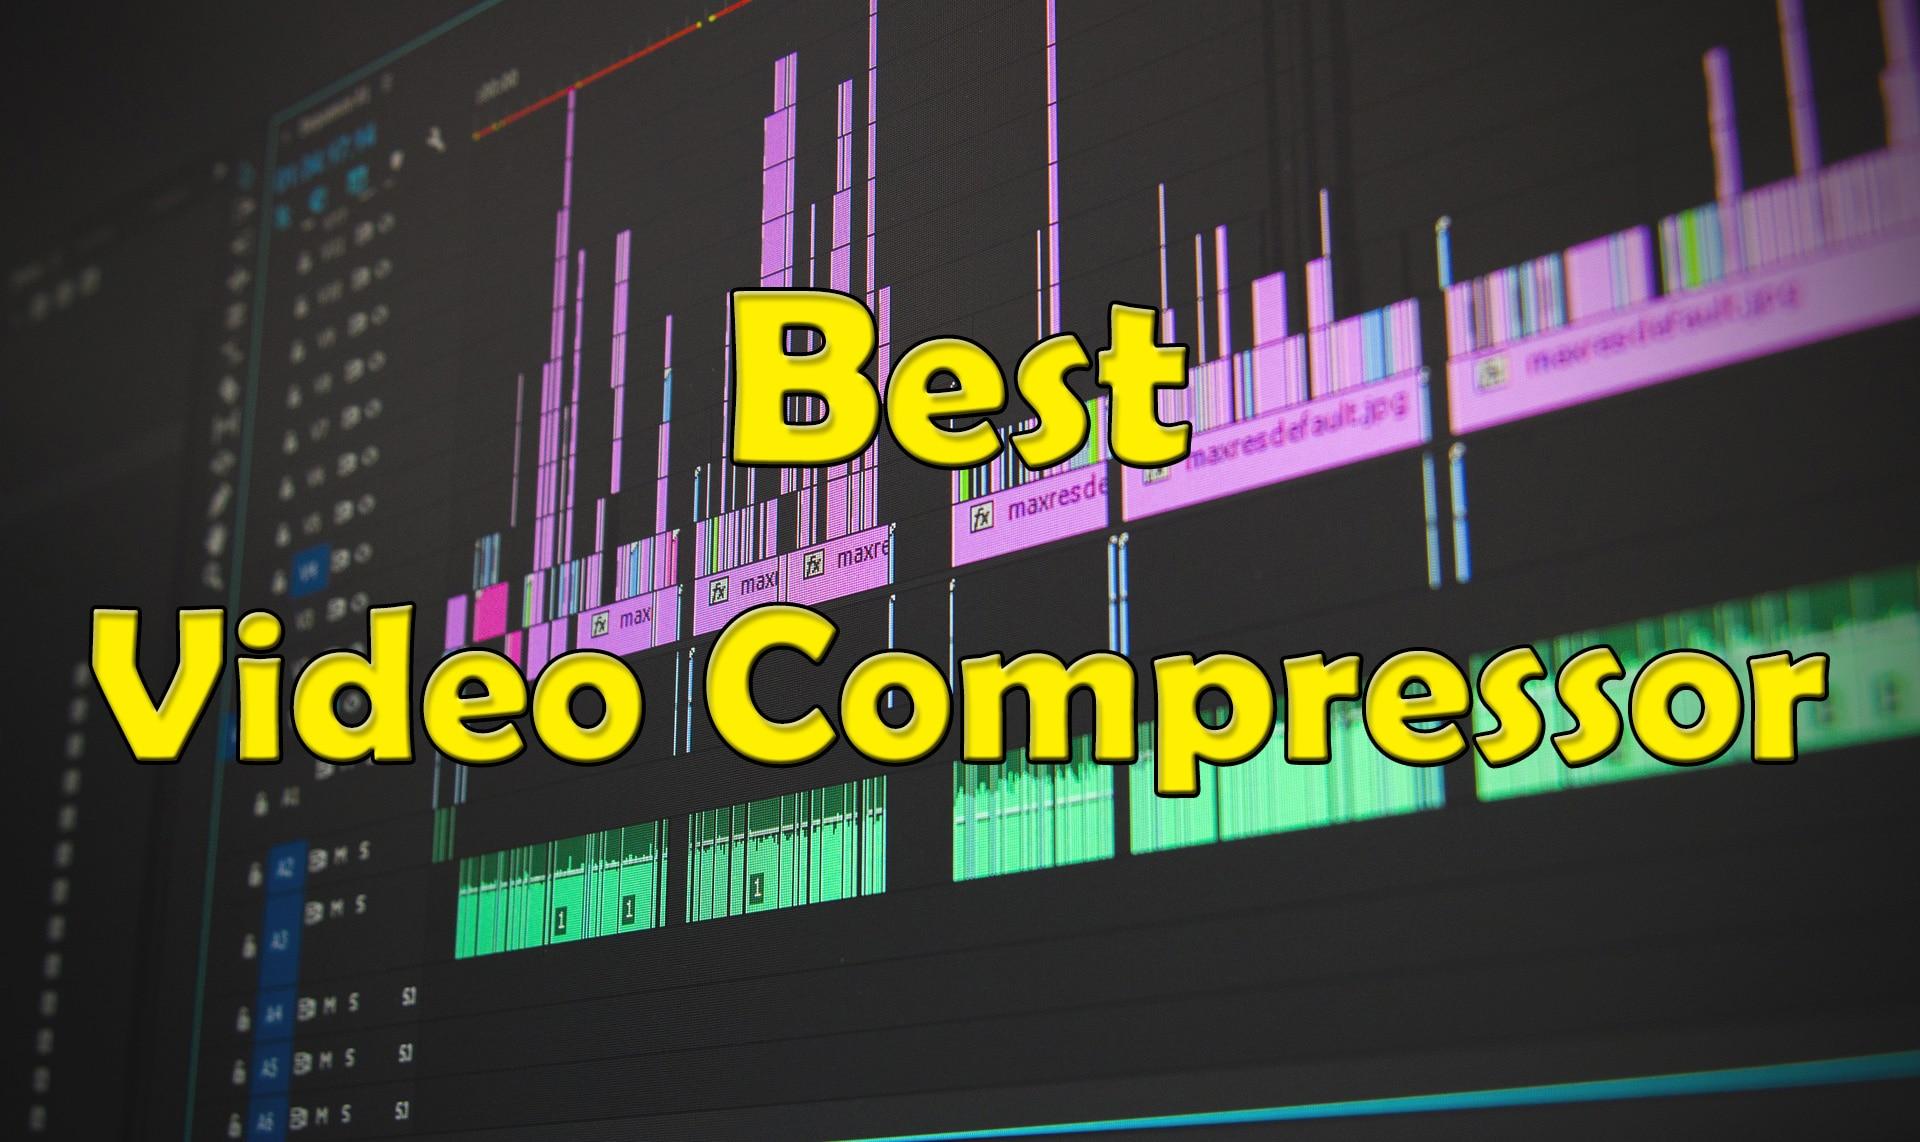 Best Video Compressor